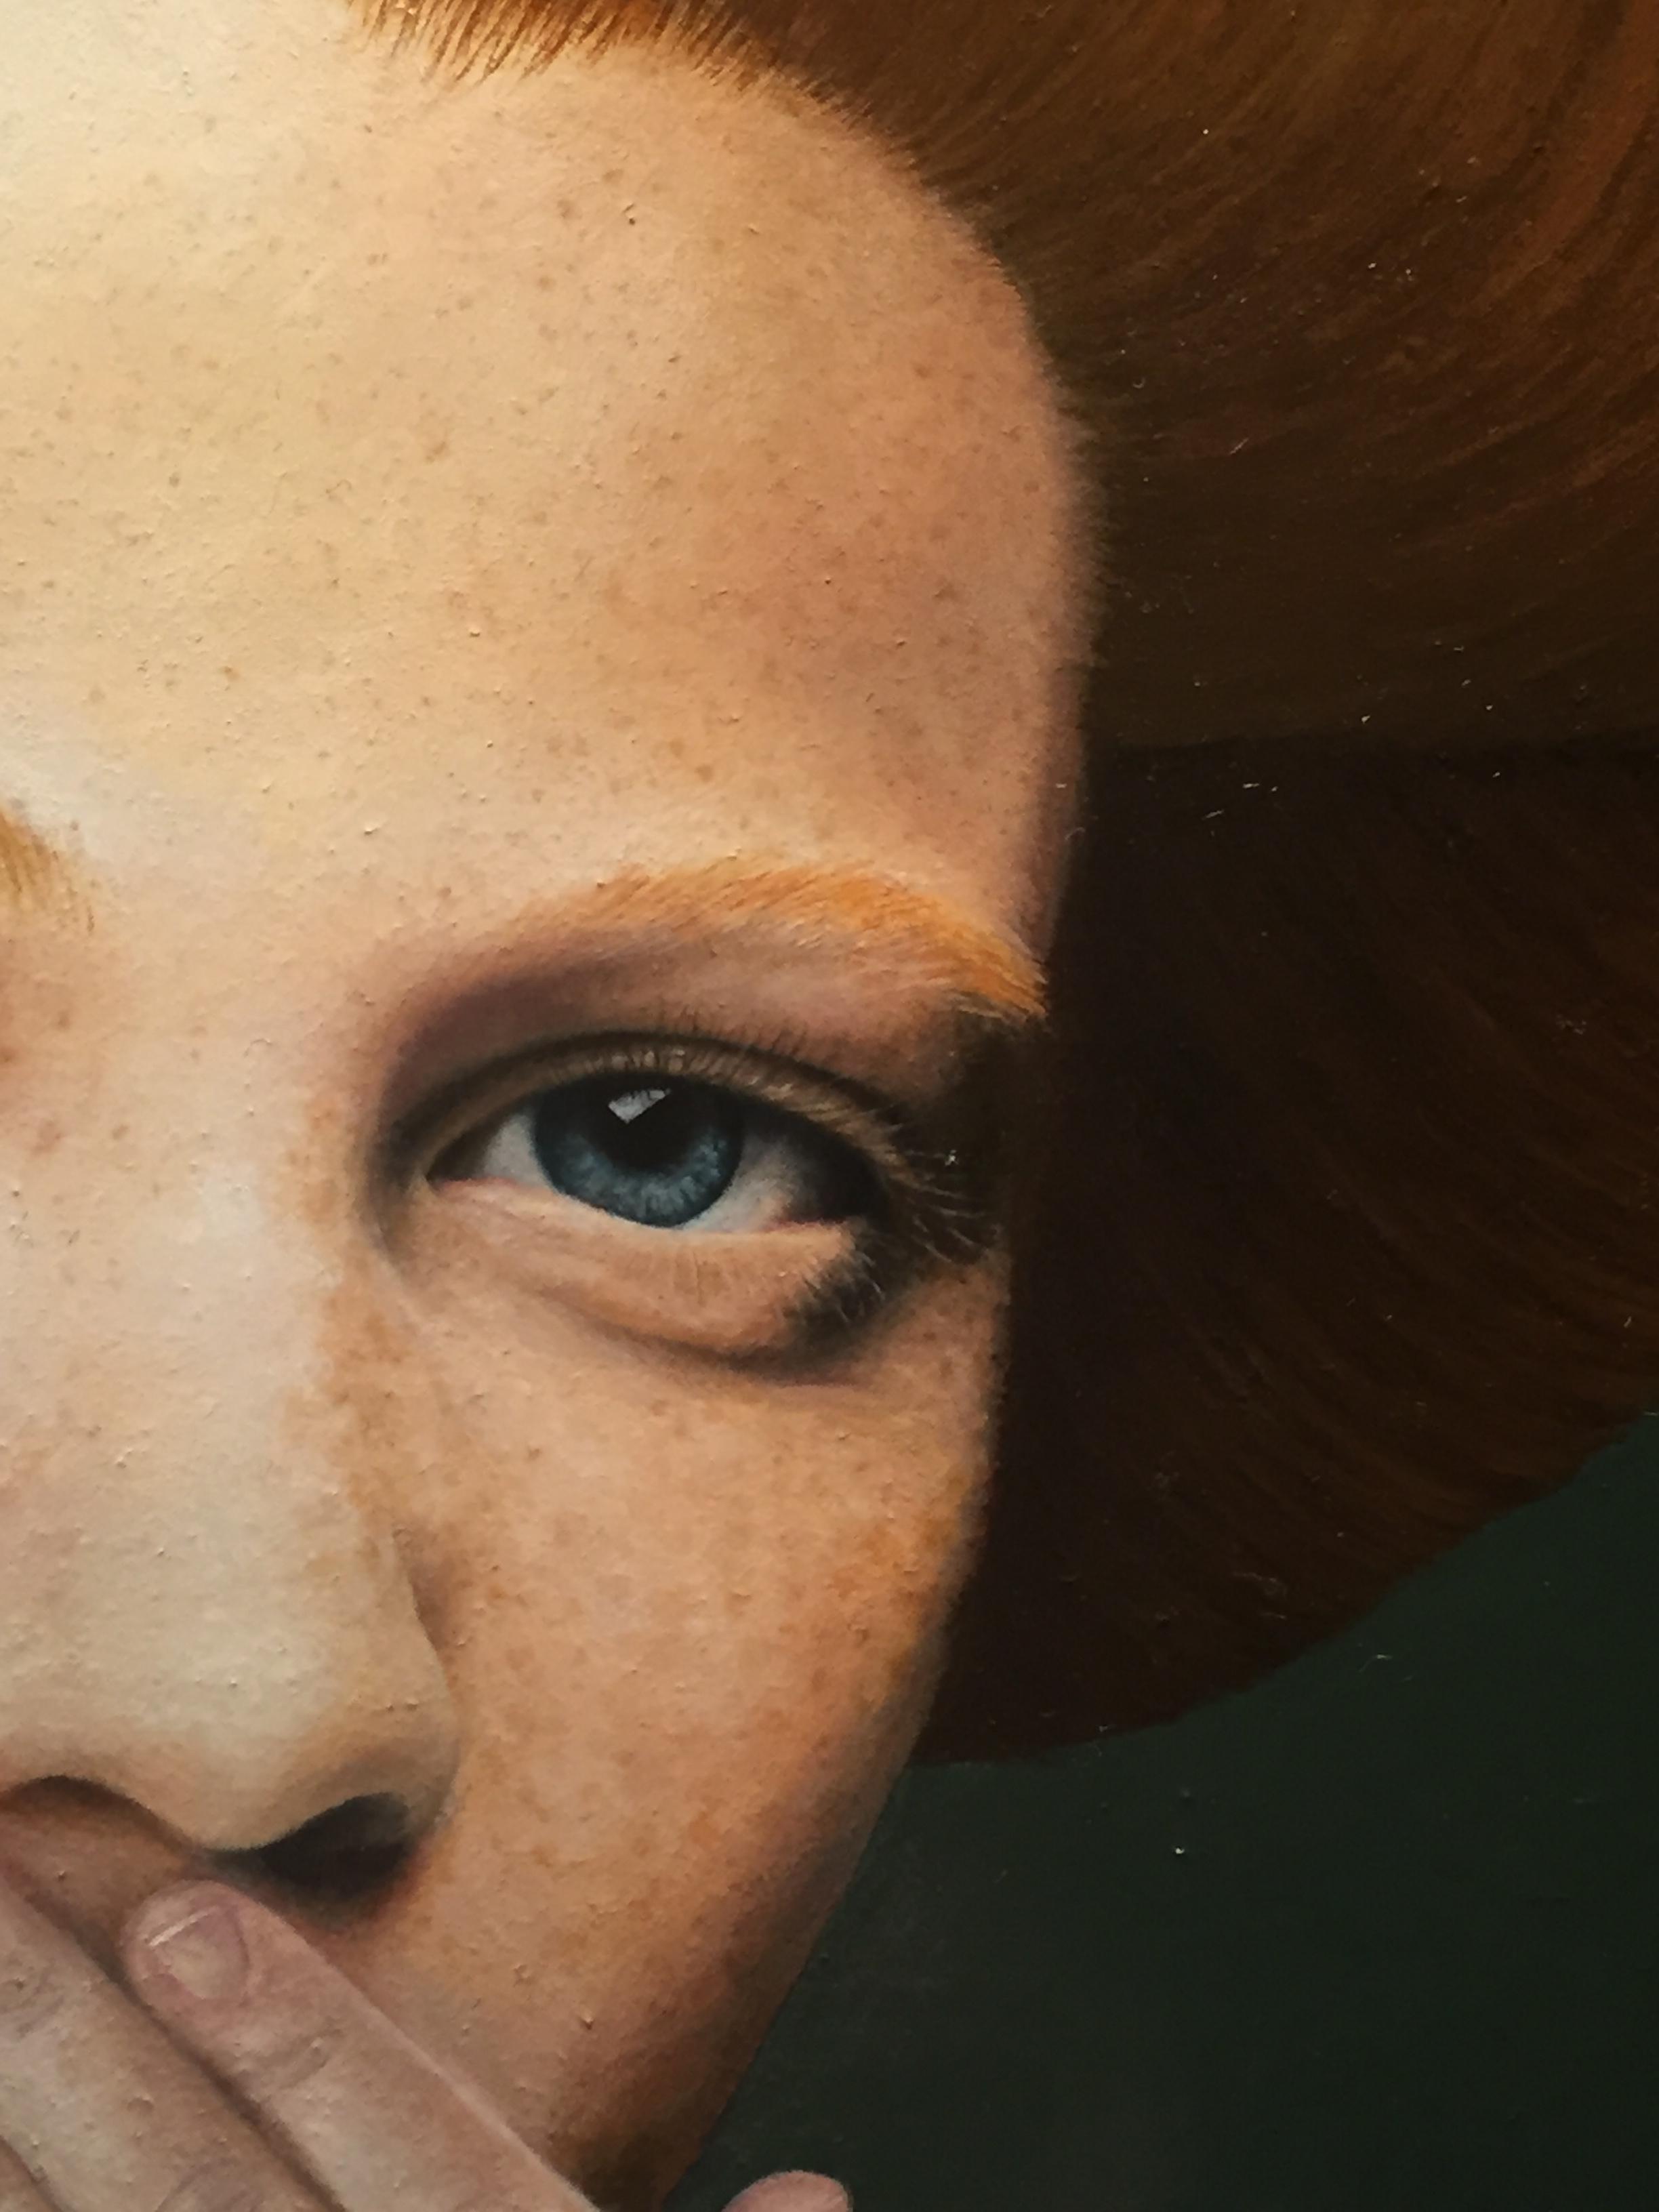 lips-detail1.JPG